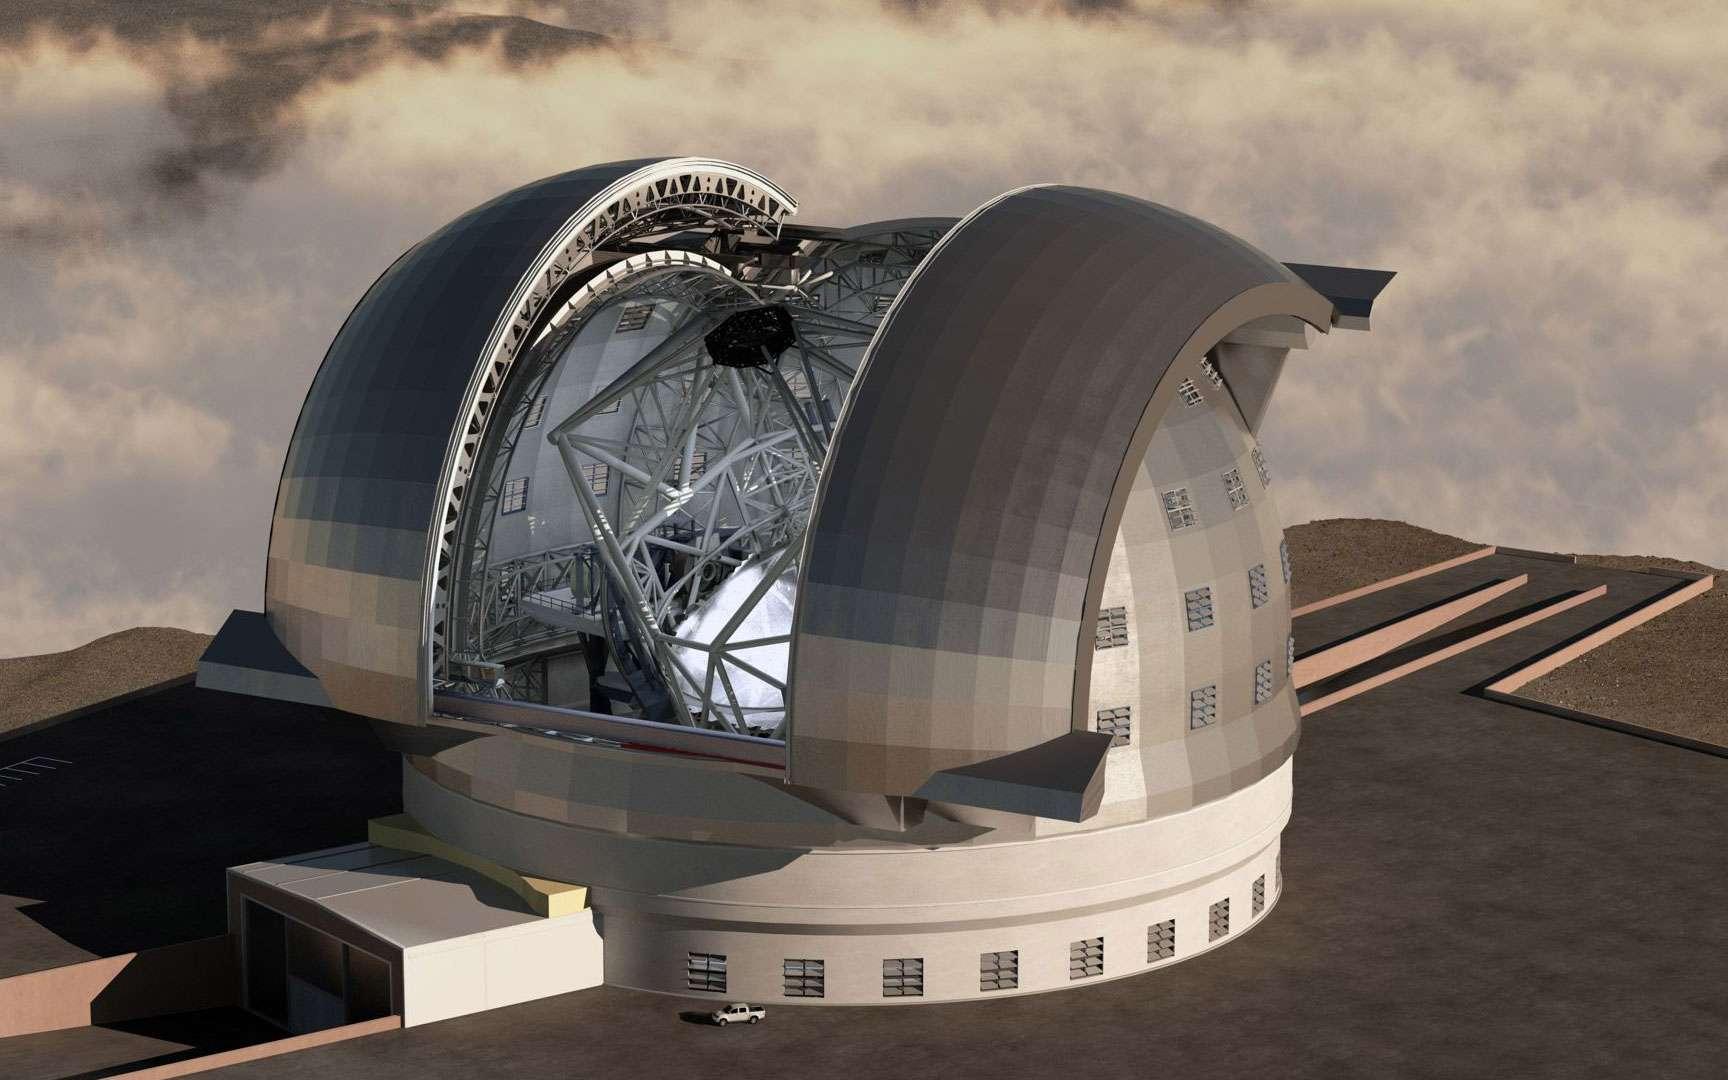 Le télescope E-ELT, un œil de géant tourné vers le ciel. De tous les projets de télescopes géants, l'E-ELT, de l'Eso, est le plus grand. Avec un miroir de 39 mètres de diamètre, il surpassera les 30 mètres du TMT (Thirty Meter Telescope), les sept miroirs de 8,4 mètres du télescope géant Magellan et les deux miroirs de 8,6 mètres du Large Binocular Telescope (LBT). © Eso